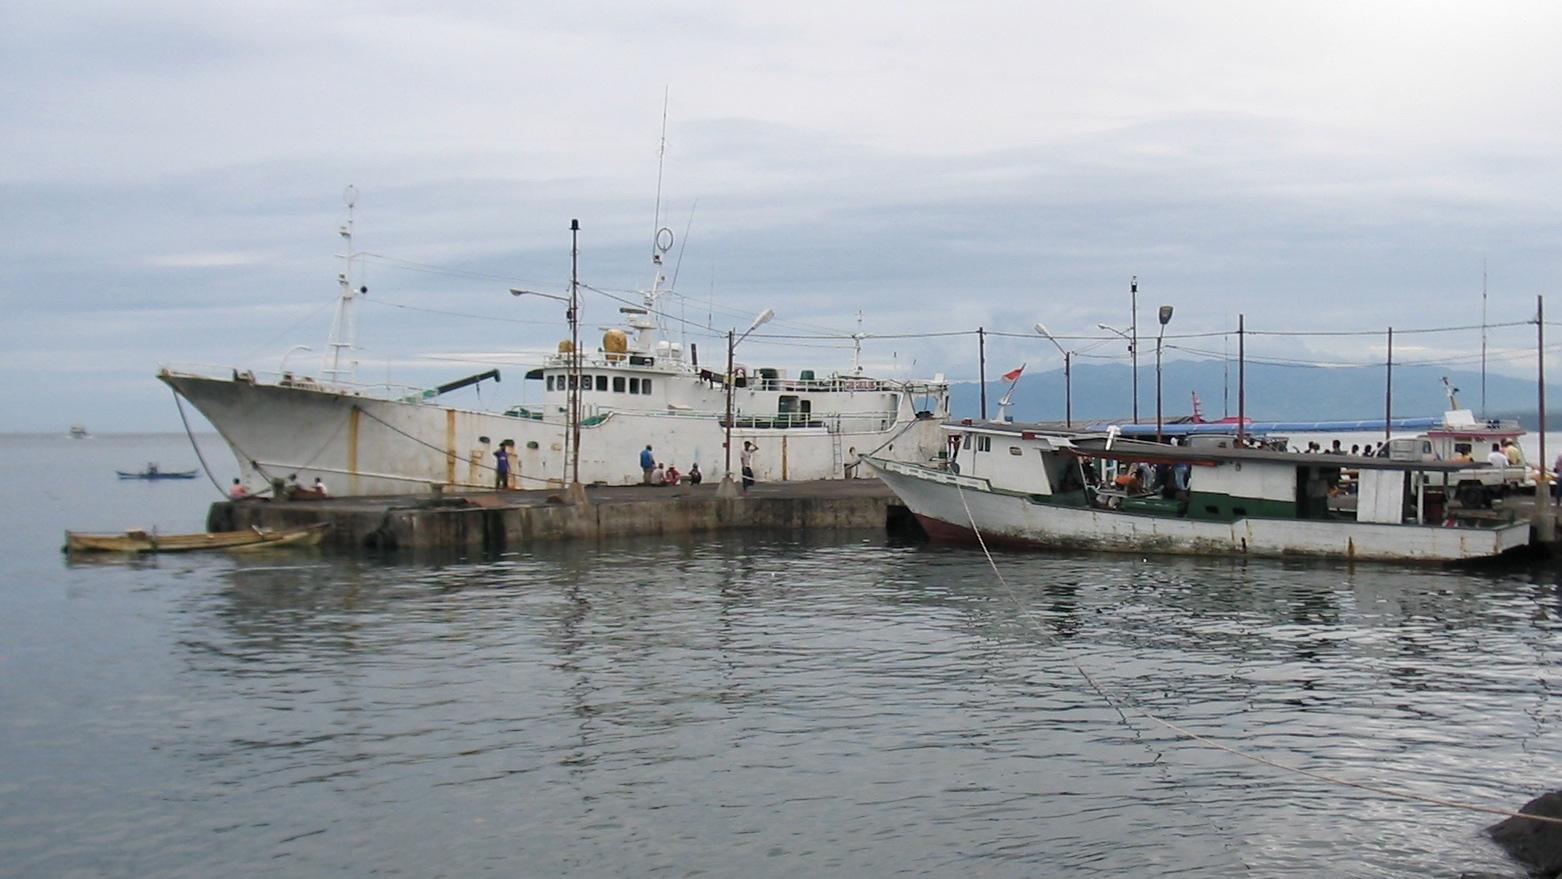 Fishing boat at pier